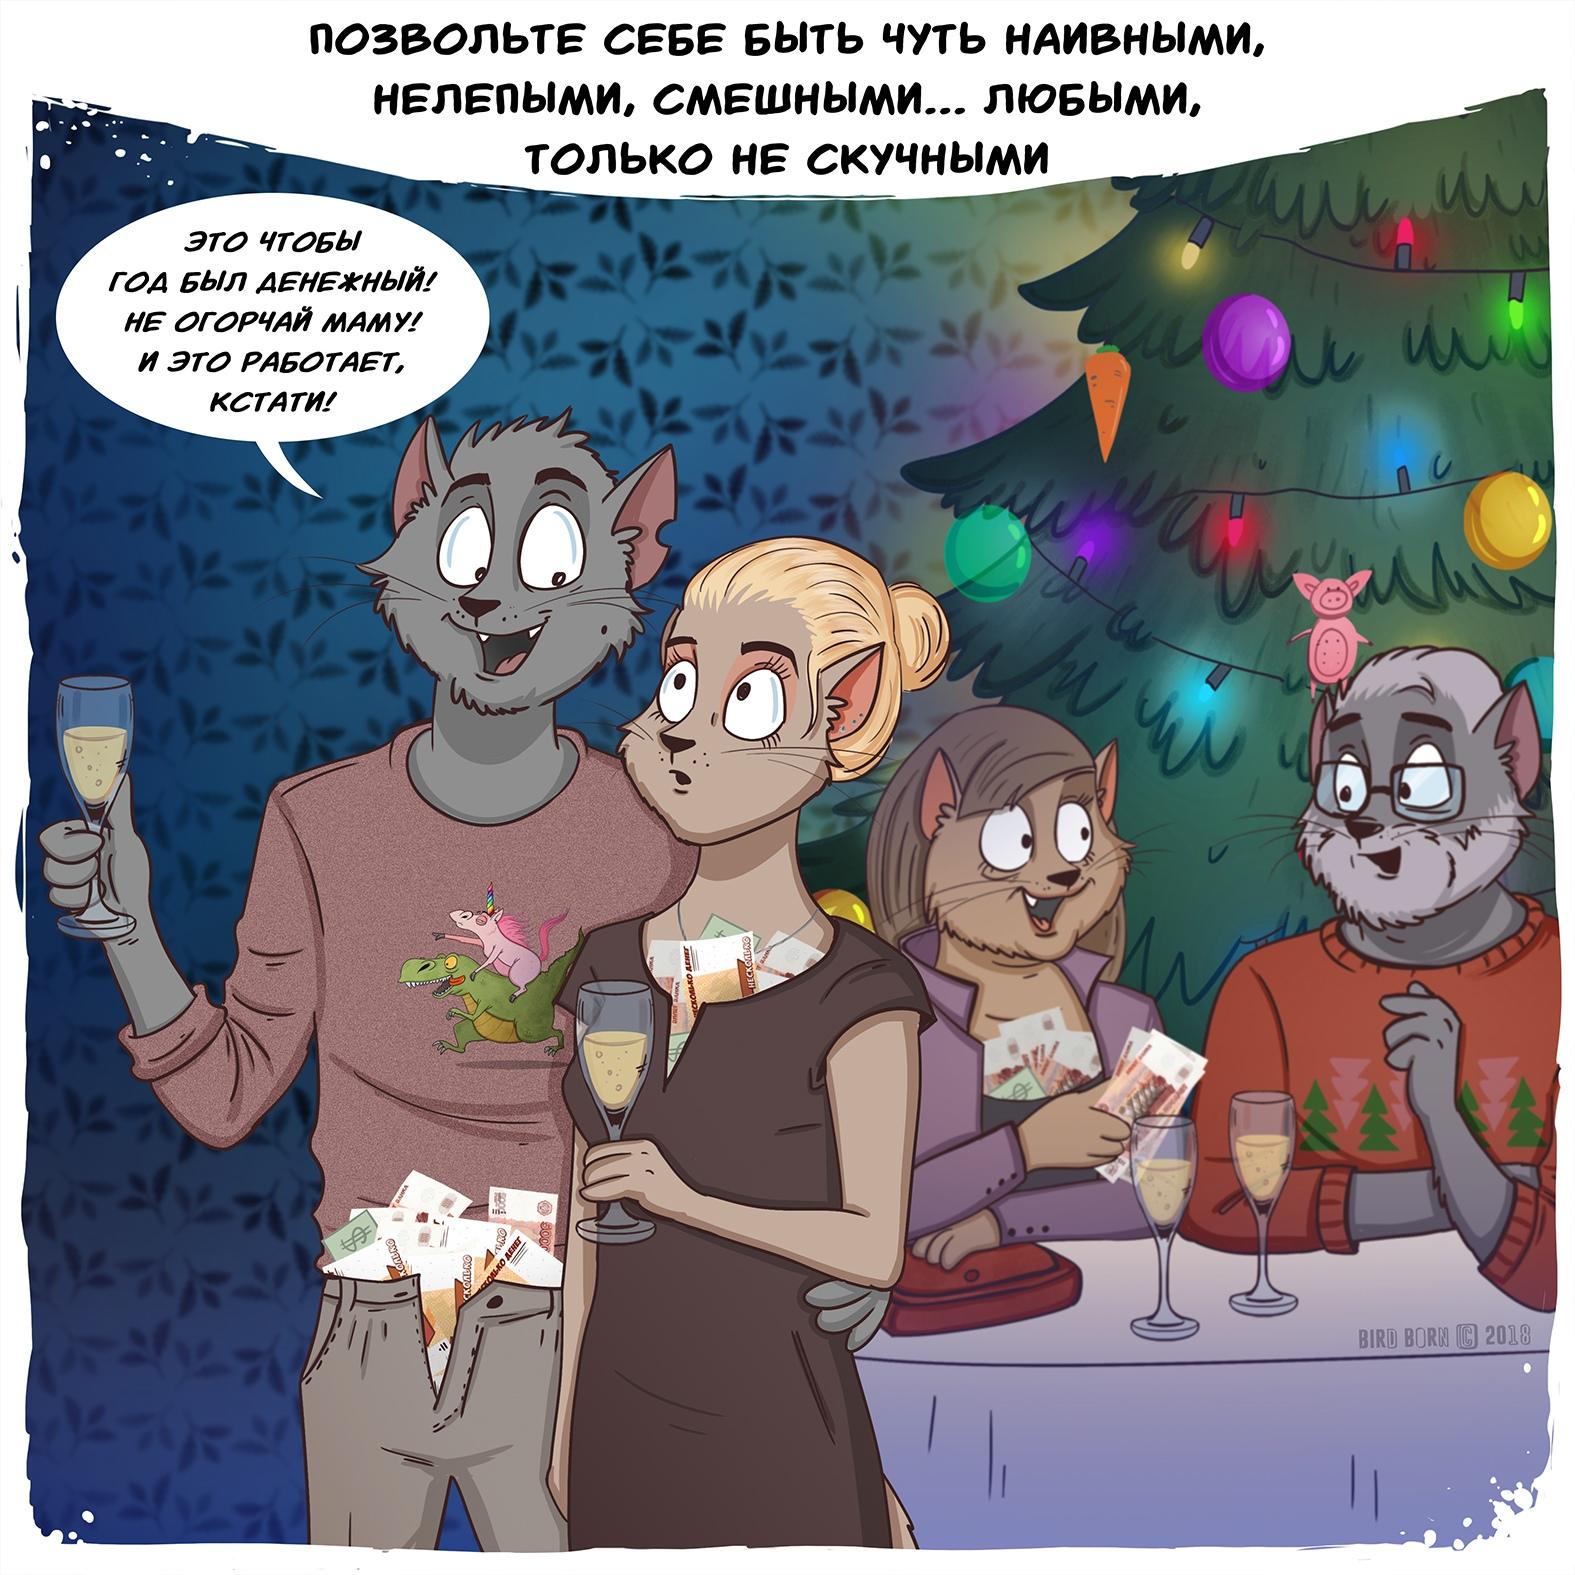 Новый год — самое время вспомнить, что...